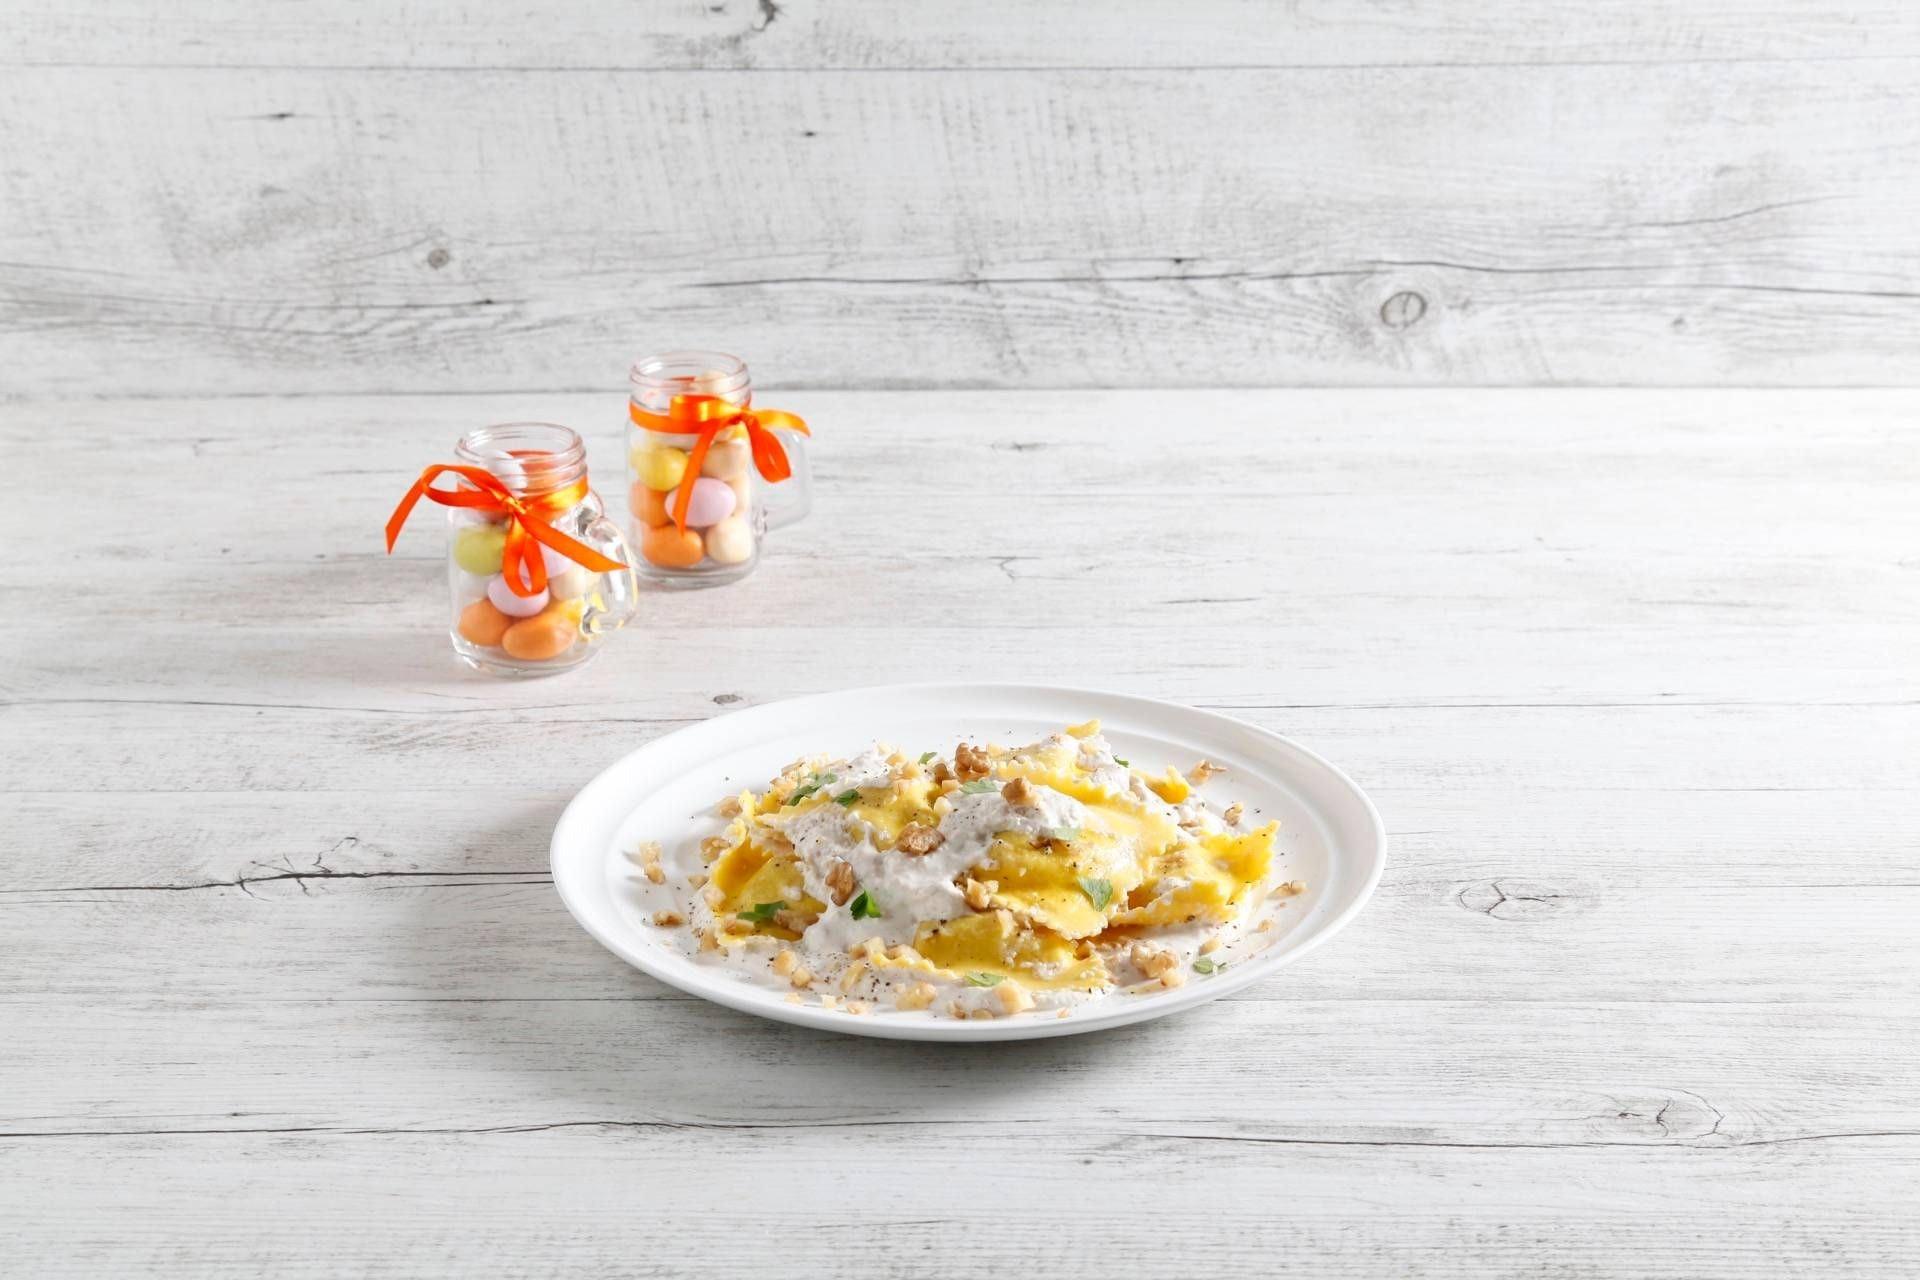 Ravioli di borragine con noci - Parmalat